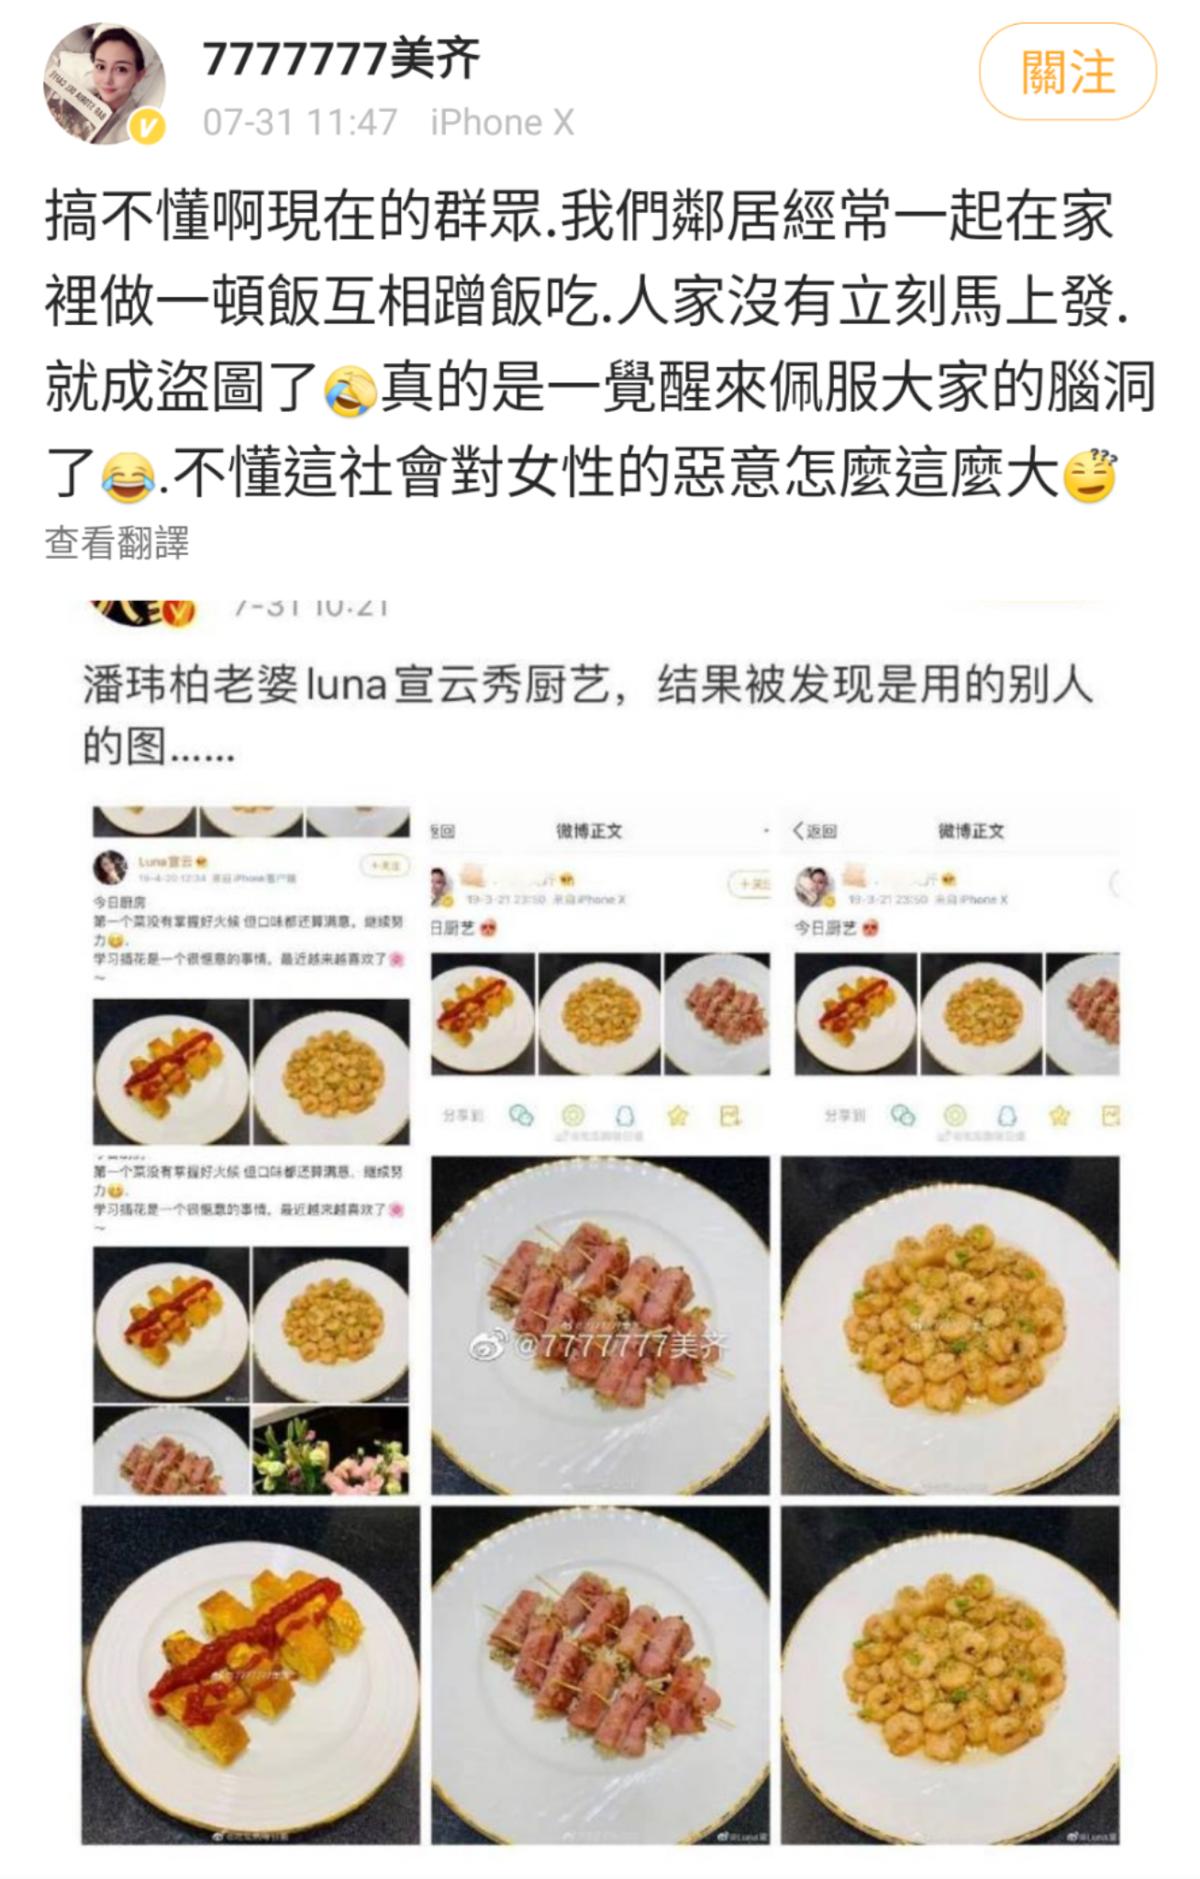 被網友以為照片被盜的「苦主」原來是宣云的閨密,她發文澄清鄰居常一起在家做飯吃,Luna只是比較晚發微博,並非盜圖。(翻攝7777777美齊微博)